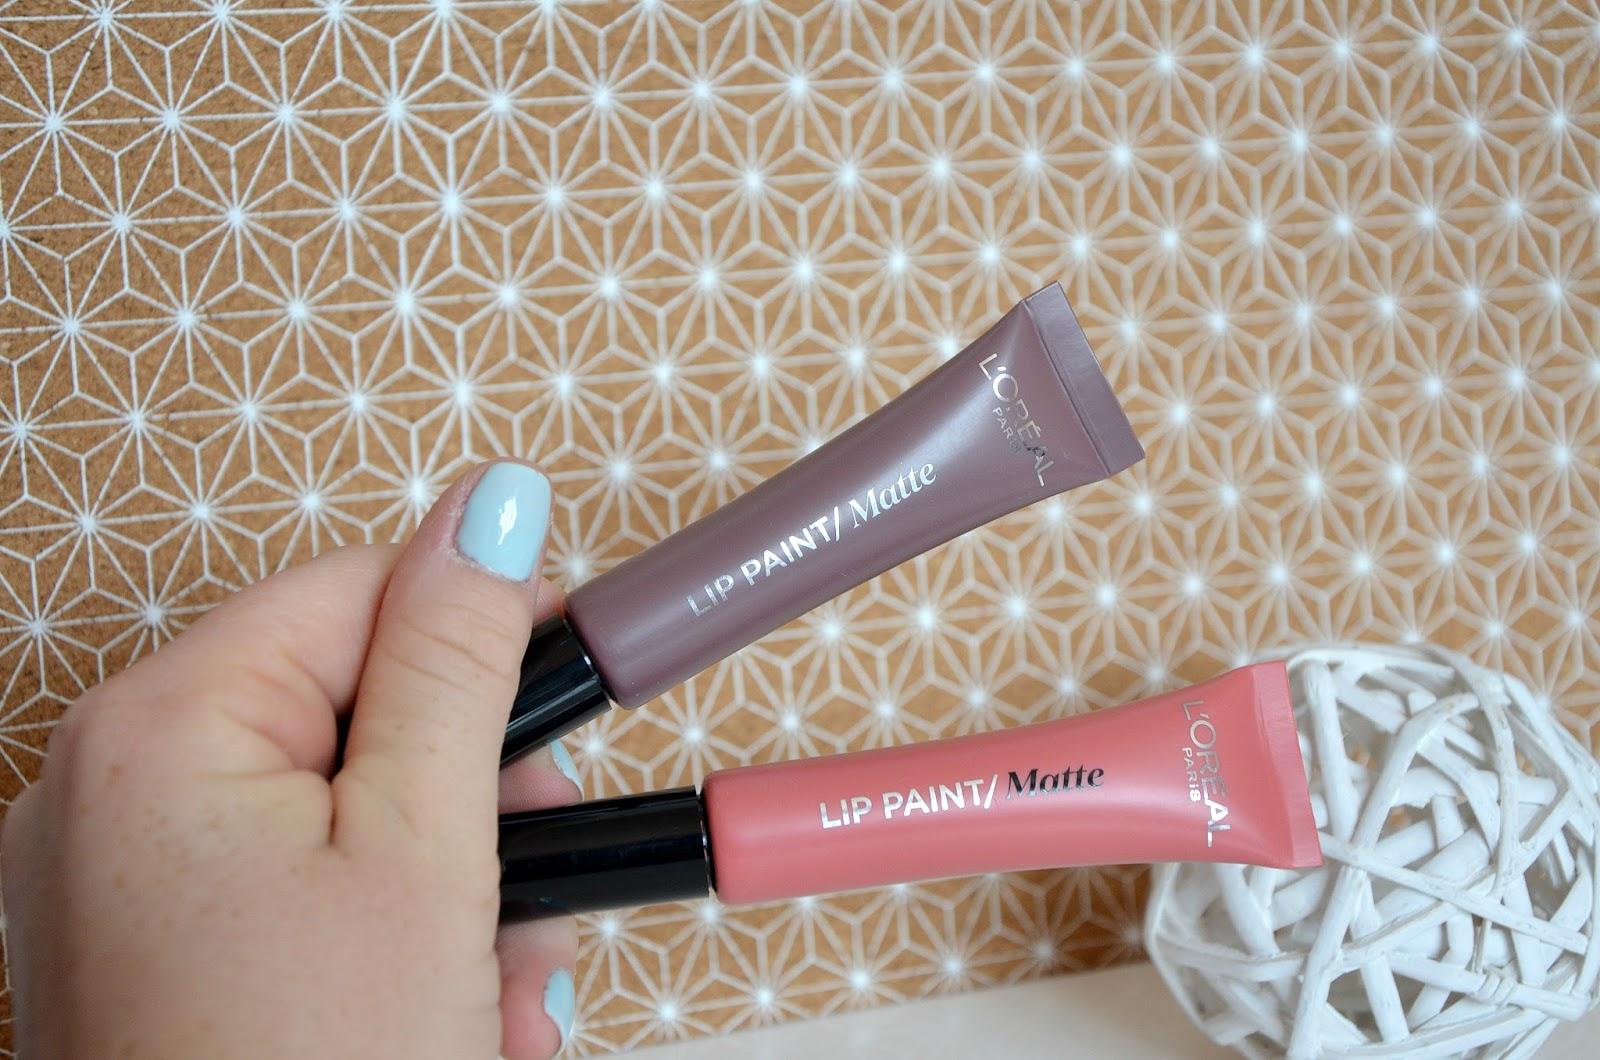 L'Oréal Paris Rouges à lèvres 201 hollywood beige & 212 nude-ist infaillible lip paint matte